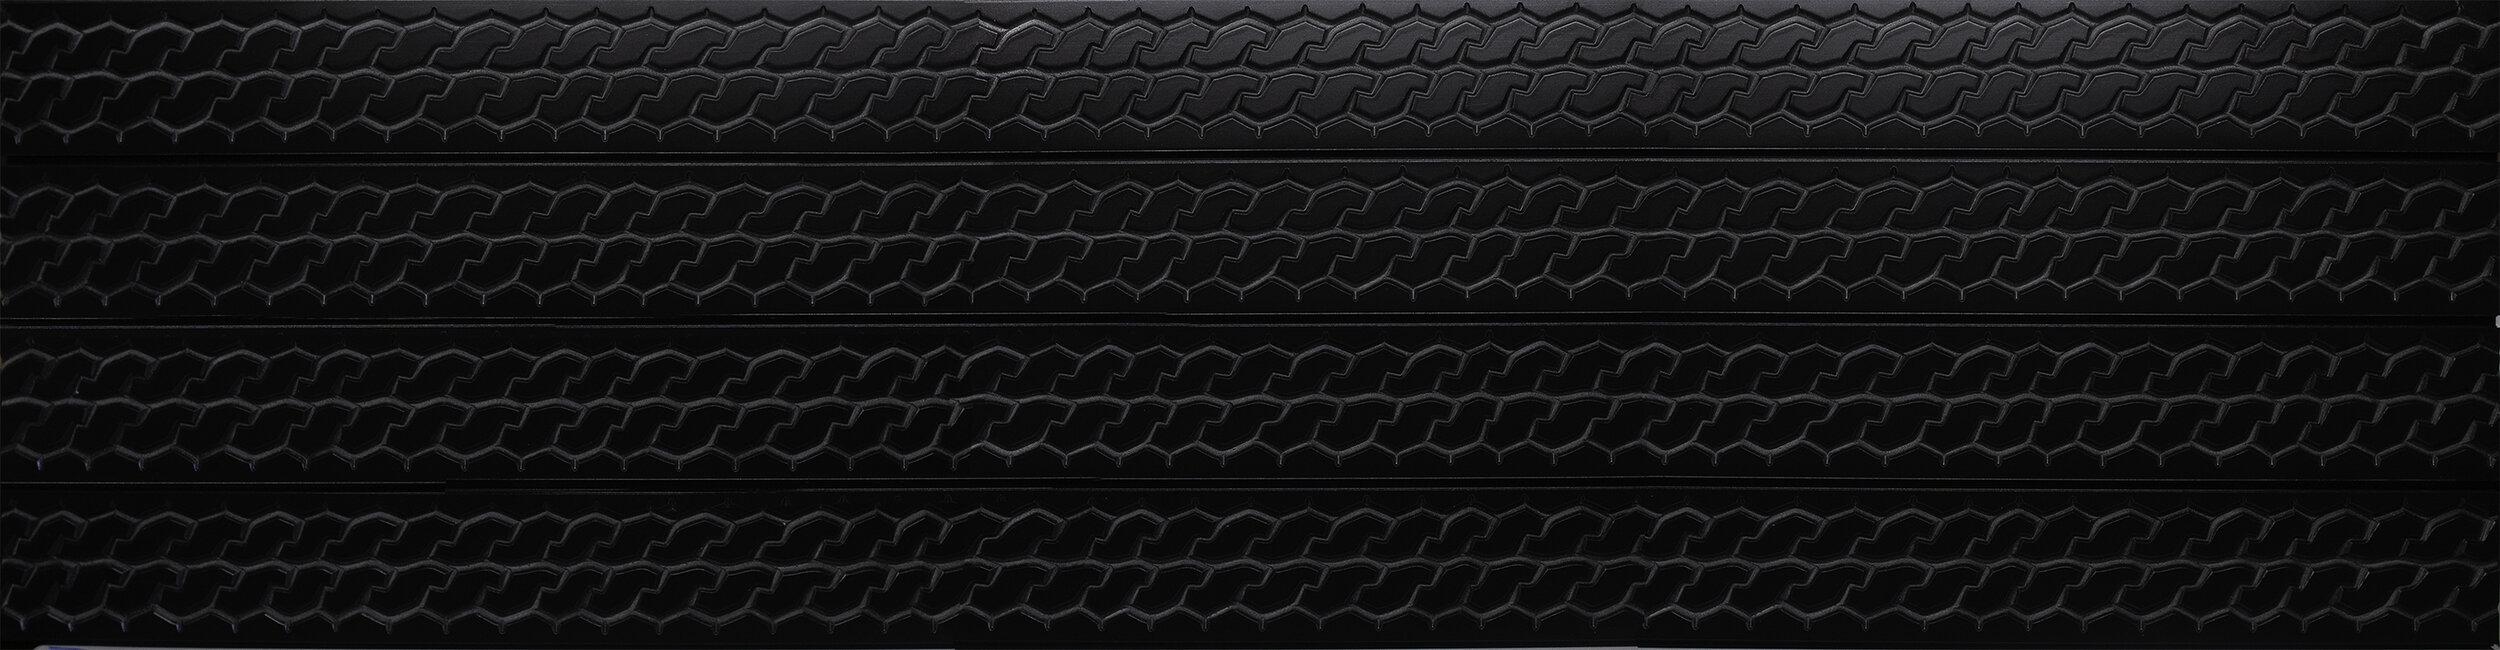 STX tire tread full panel_long.jpg